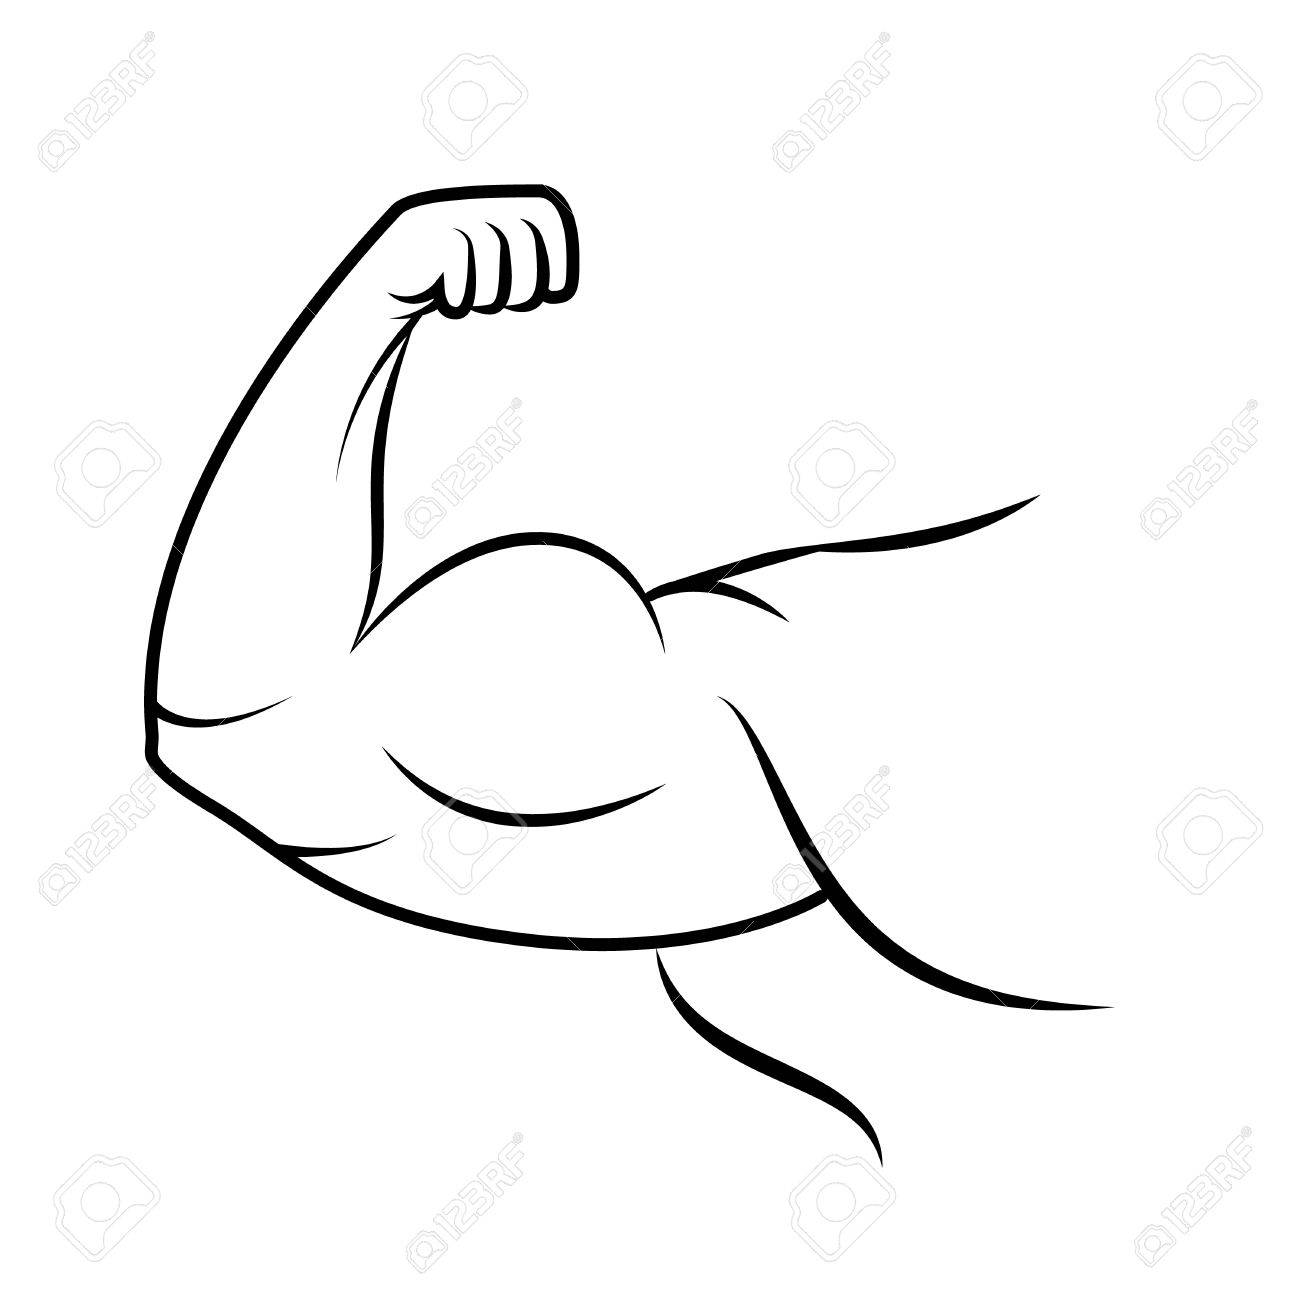 Icône de bras fort. Muscle culturiste. Dessin au trait. Puissance.  Illustration vectorielle f7154738e6c